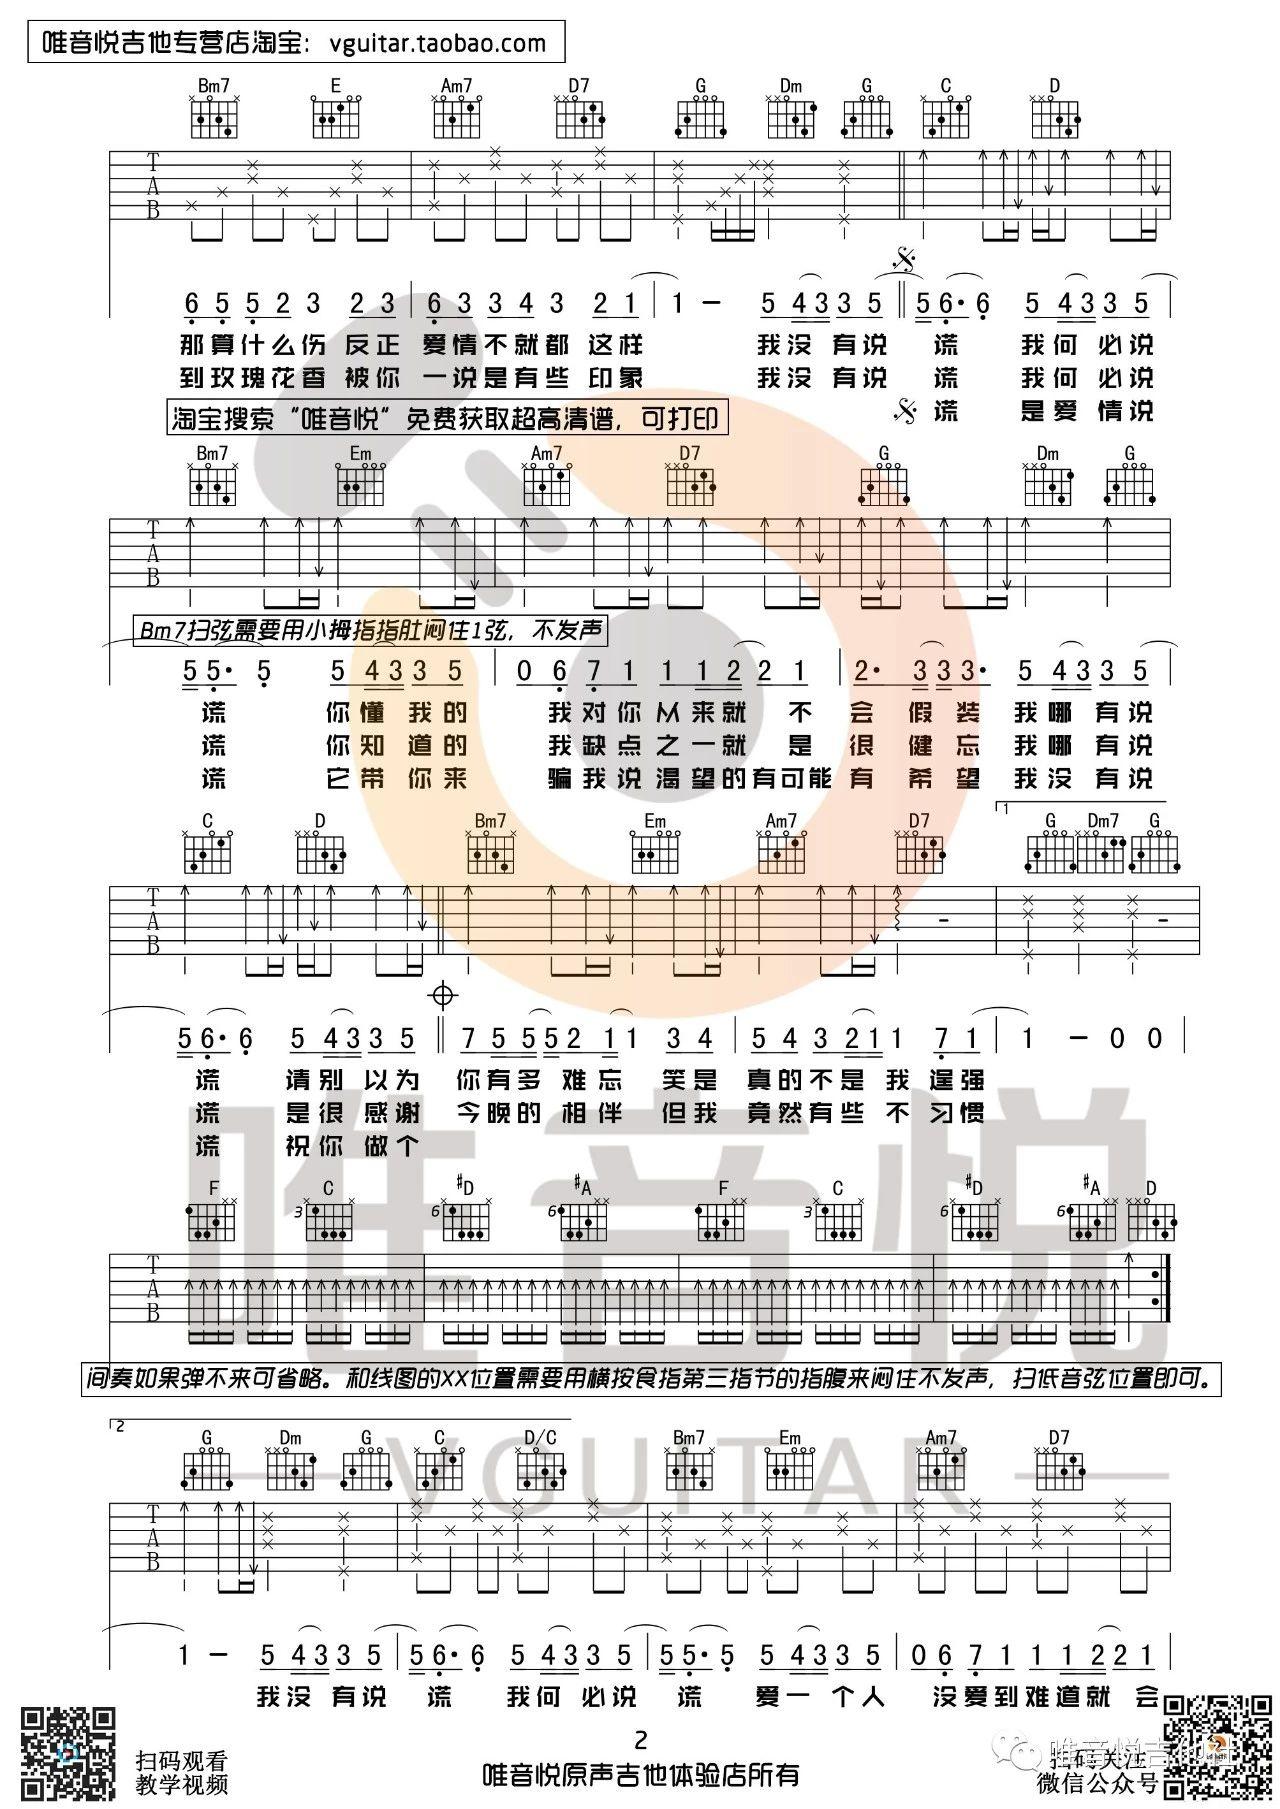 吉他派《说谎》吉他谱-2